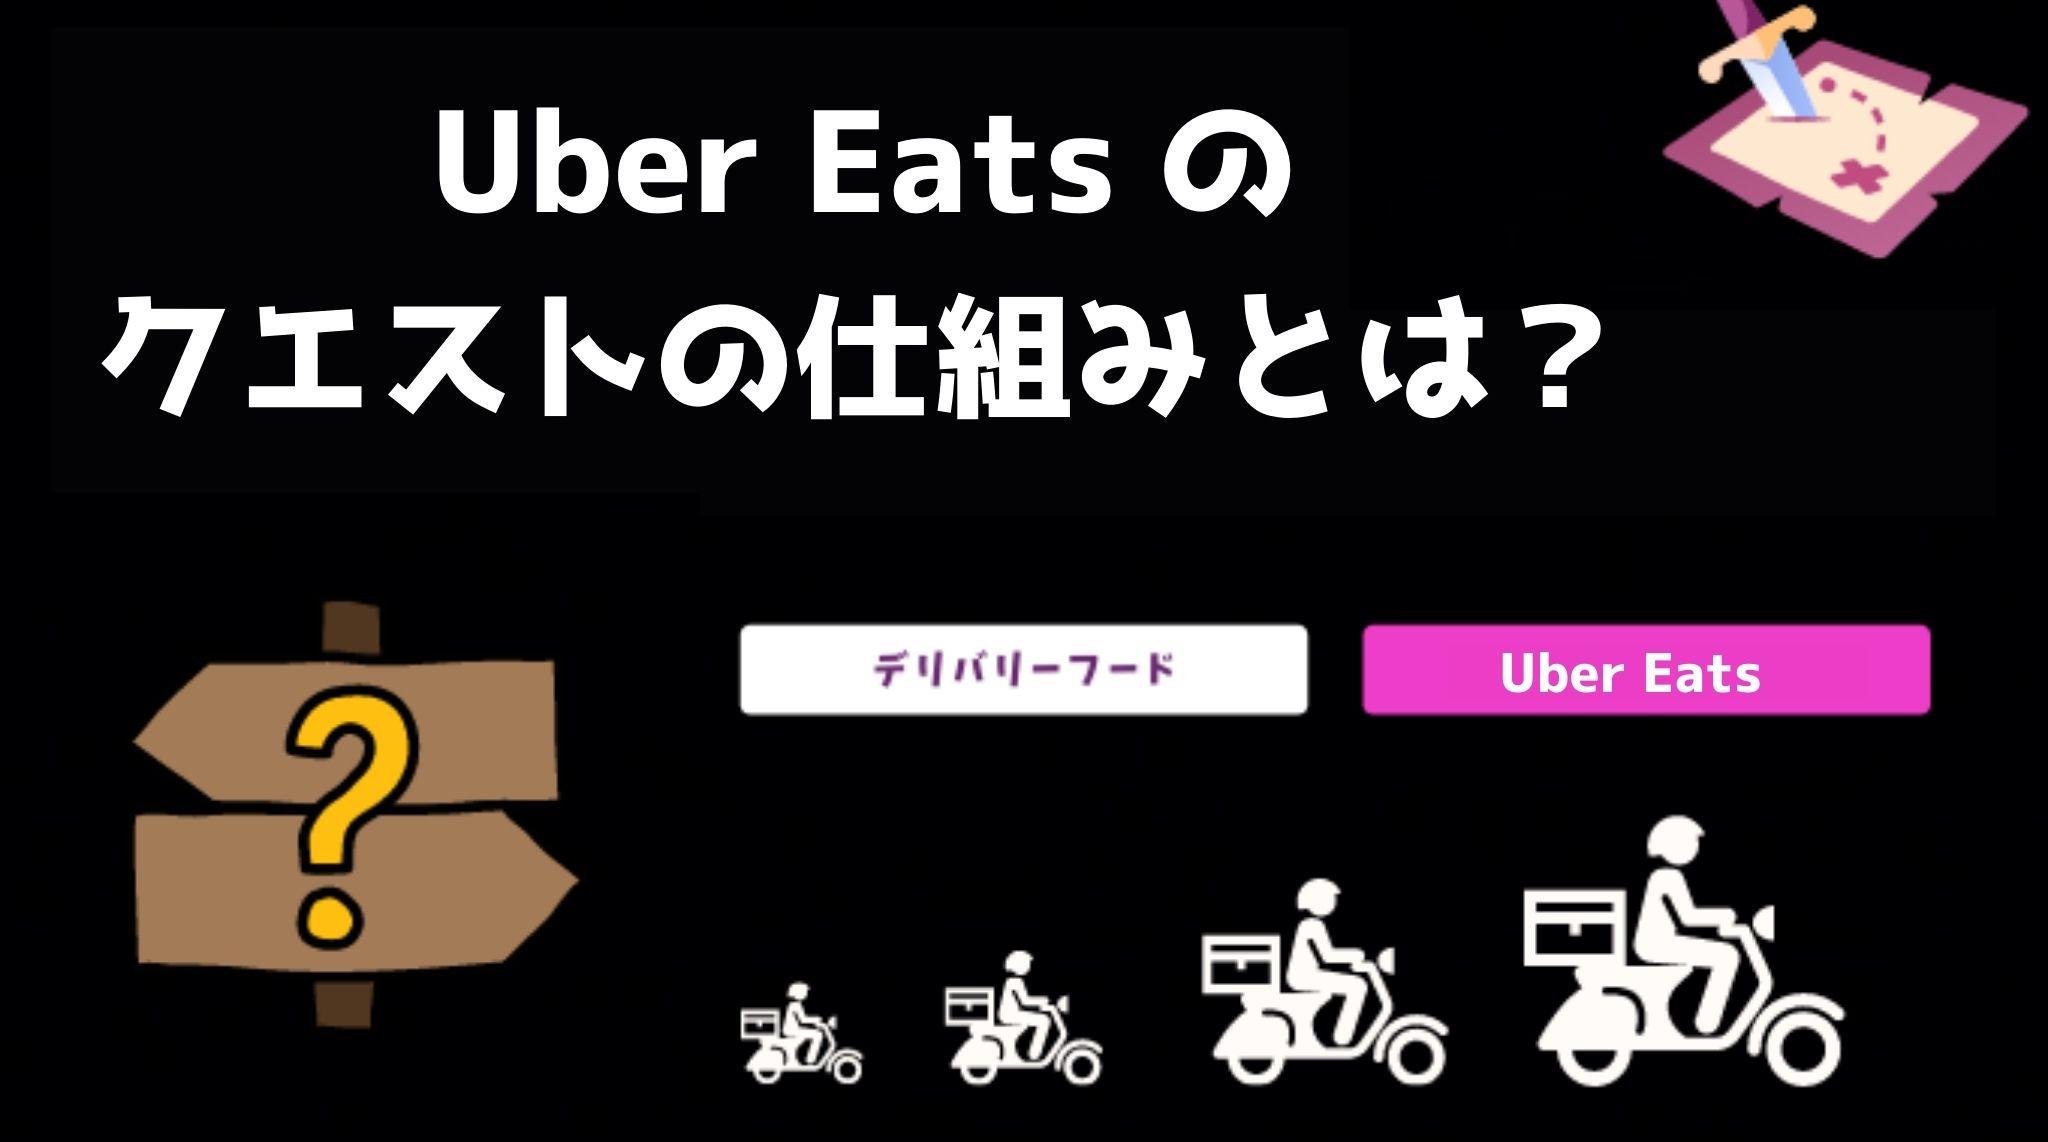 Uber Eats(ウーバーイーツ)のクエストの仕組みとは